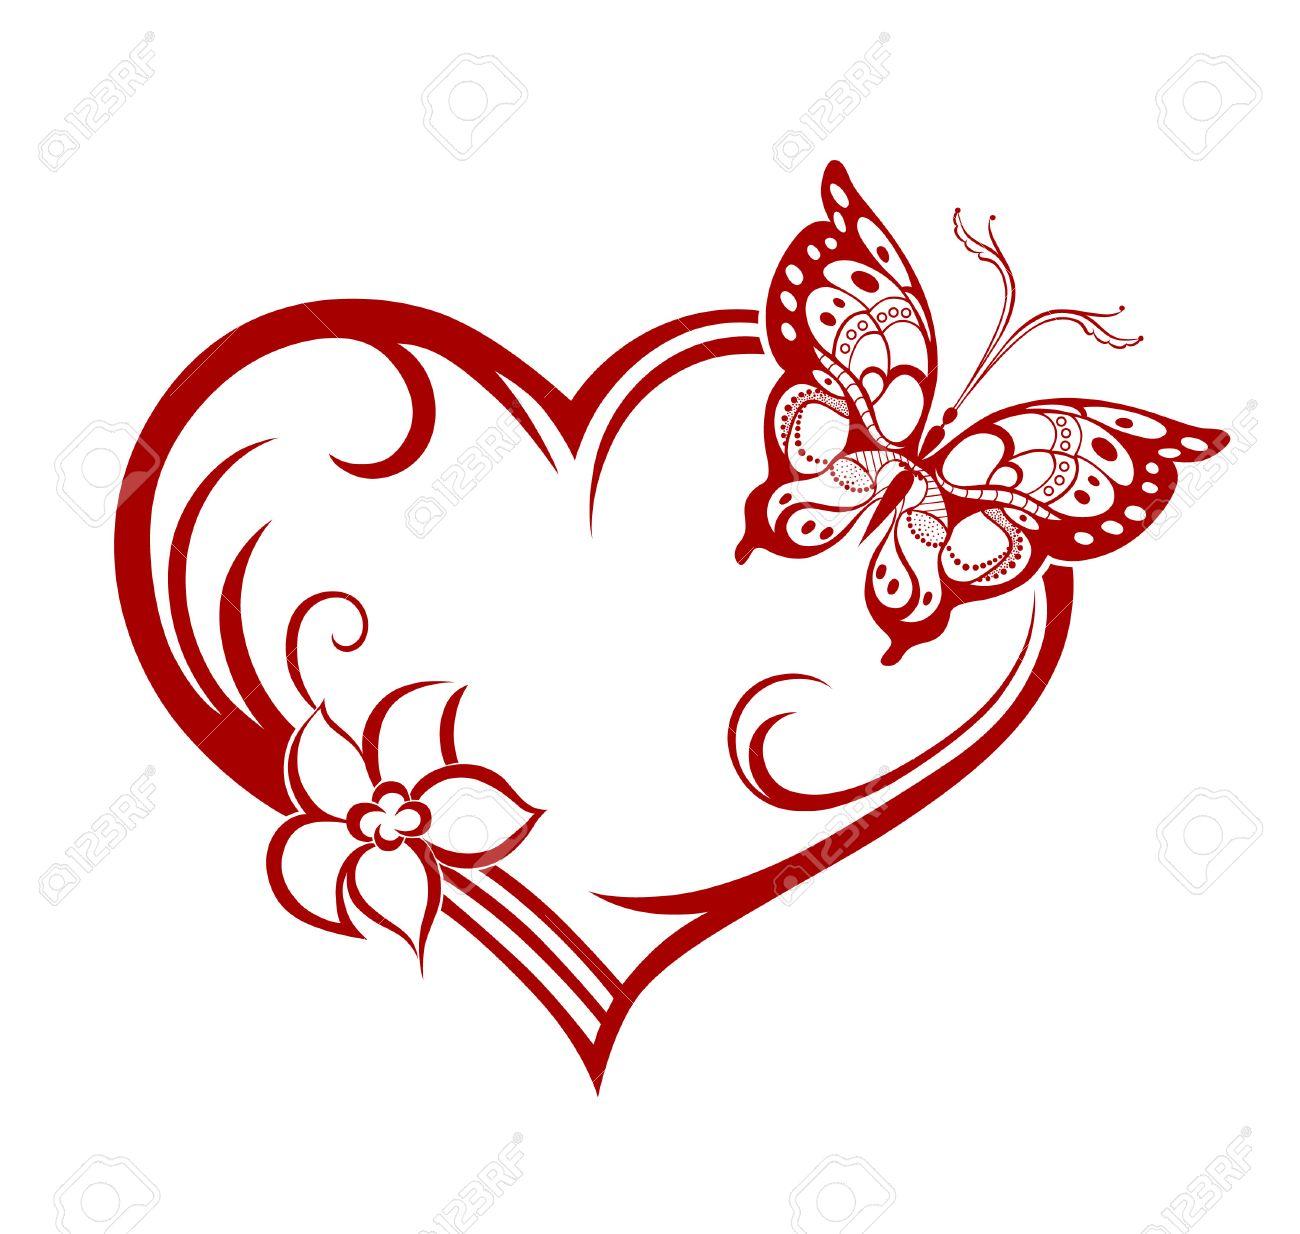 Silueta Abstracta De La Mariposa Decorativa Esta Disenado Para - Imagenes-para-decorar